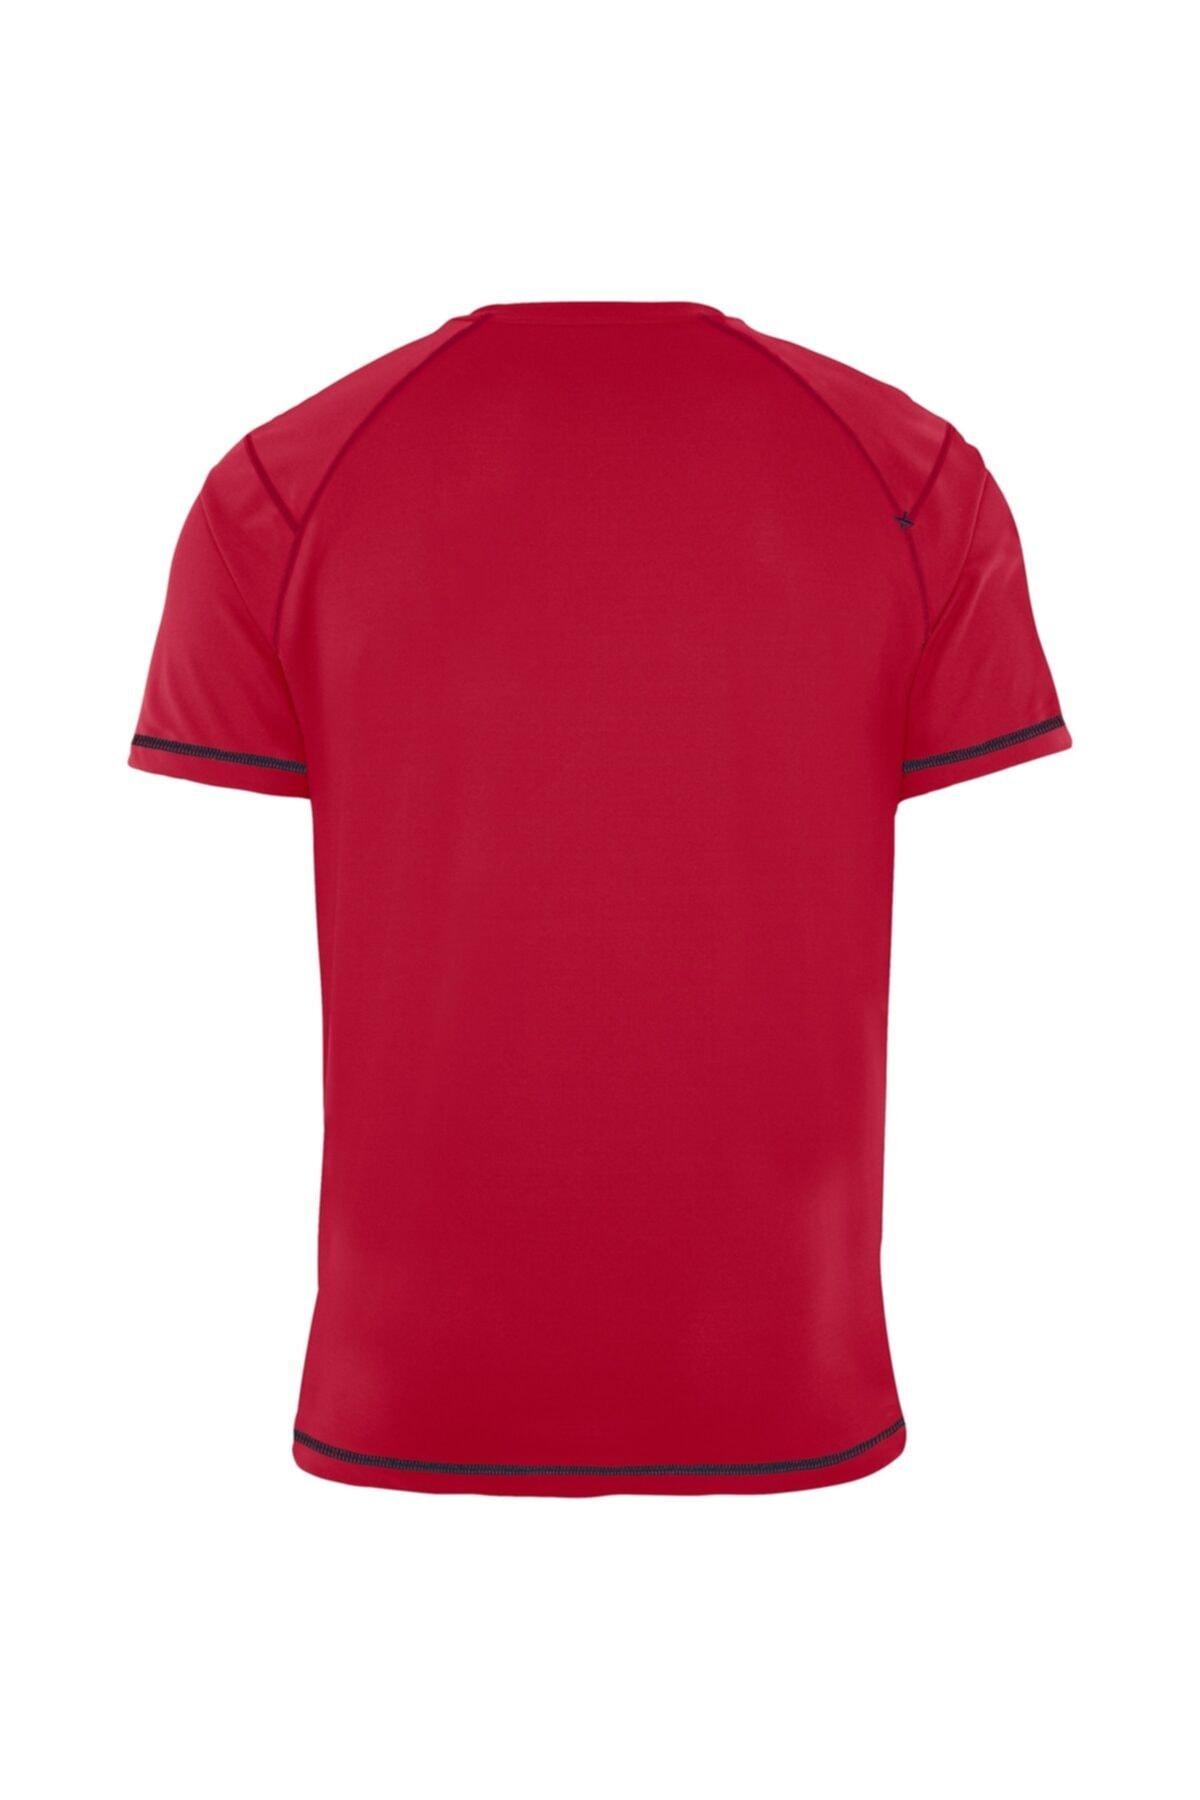 VAUDE Me Hallett Erkek T-shirt 04449 2